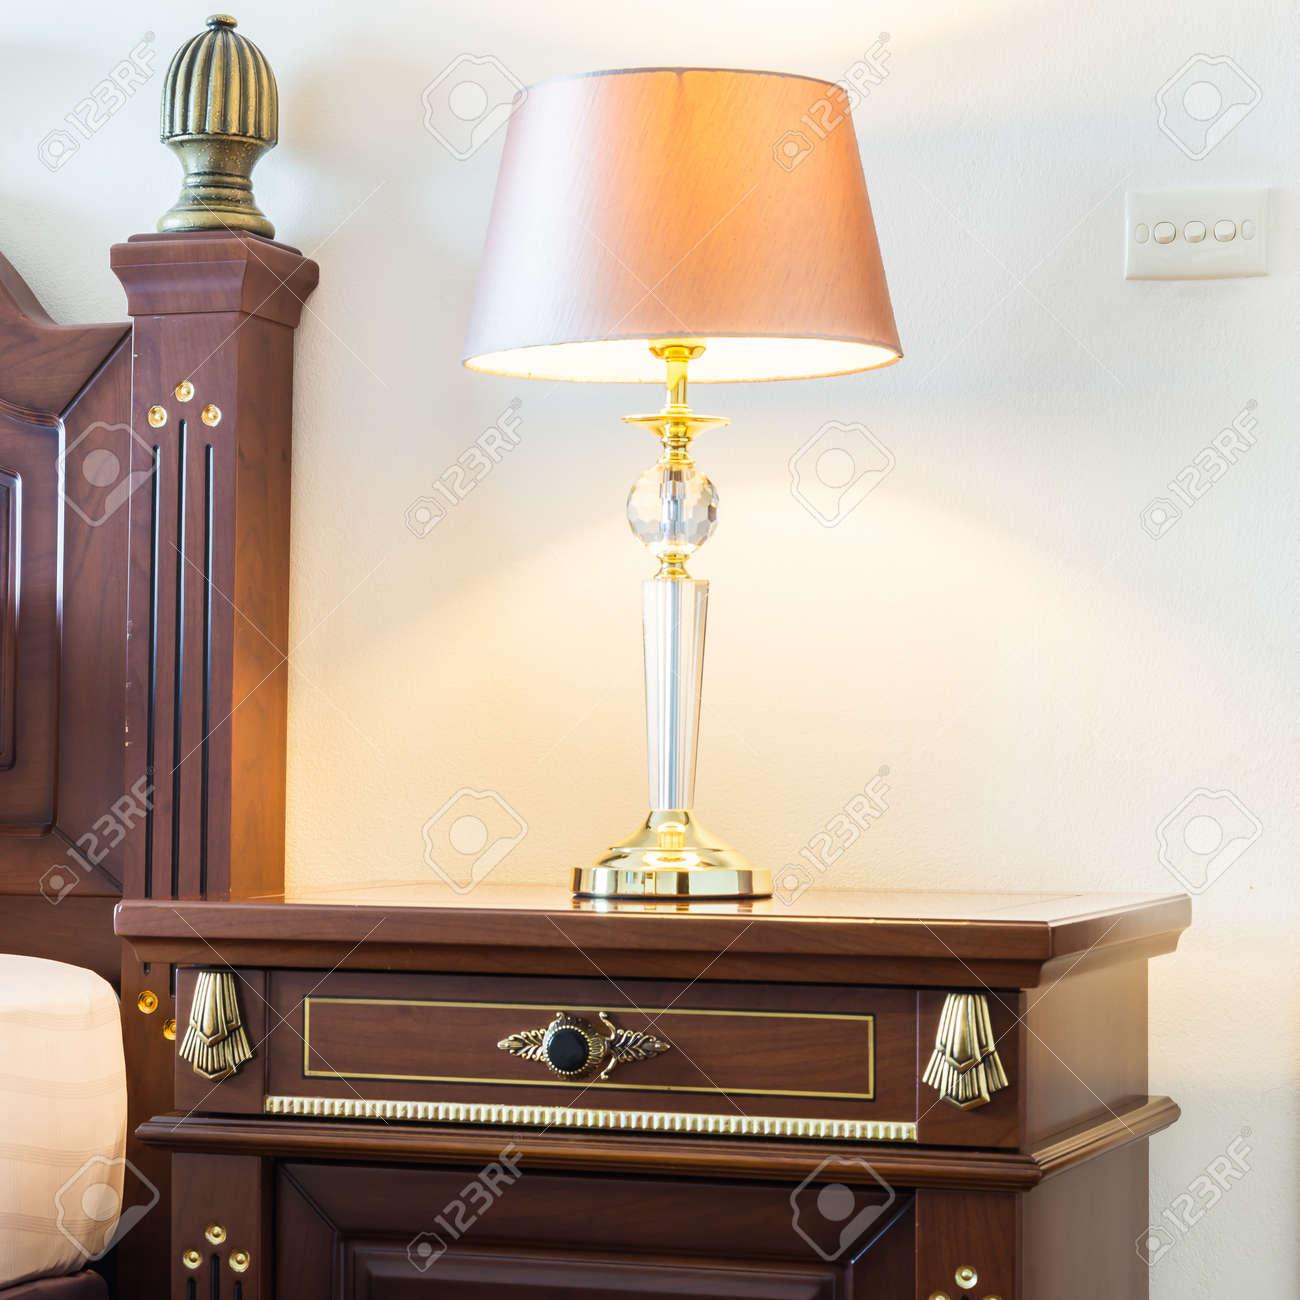 Kissen Auf Dem Bett Mit Licht Lampe Dekoration Im Schlafzimmer Innenraum  Standard Bild   47122049